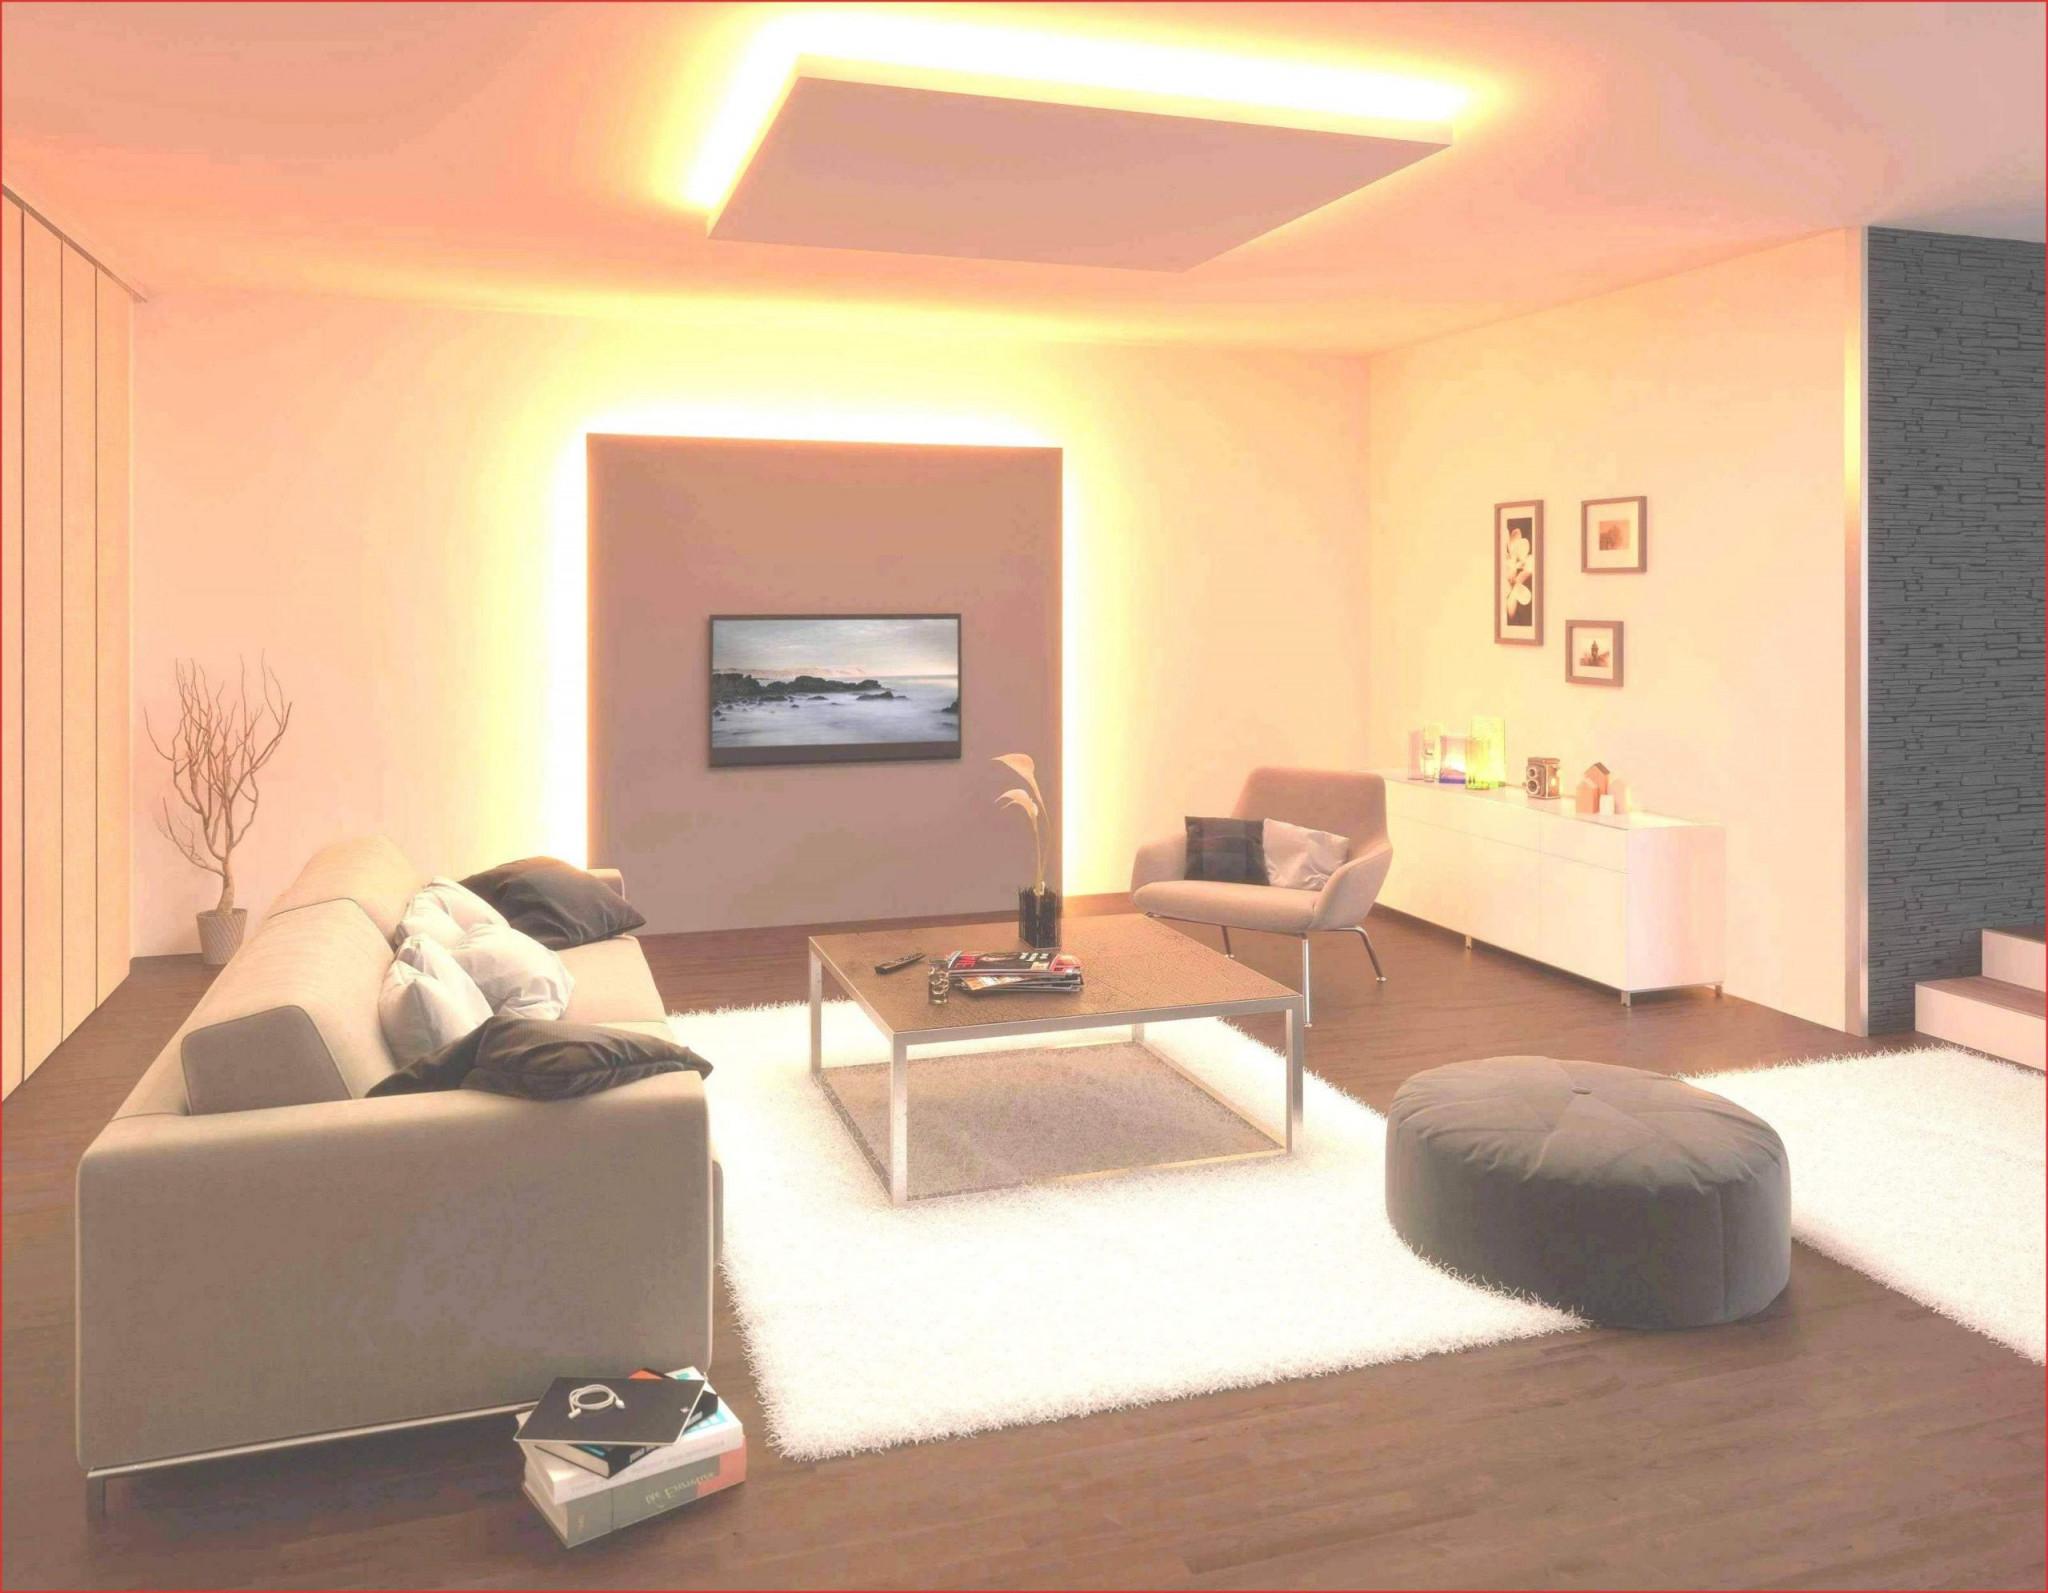 29 Frisch Led Deckenleuchte Wohnzimmer Neu  Wohnzimmer Frisch von Deckenlampe Led Wohnzimmer Photo